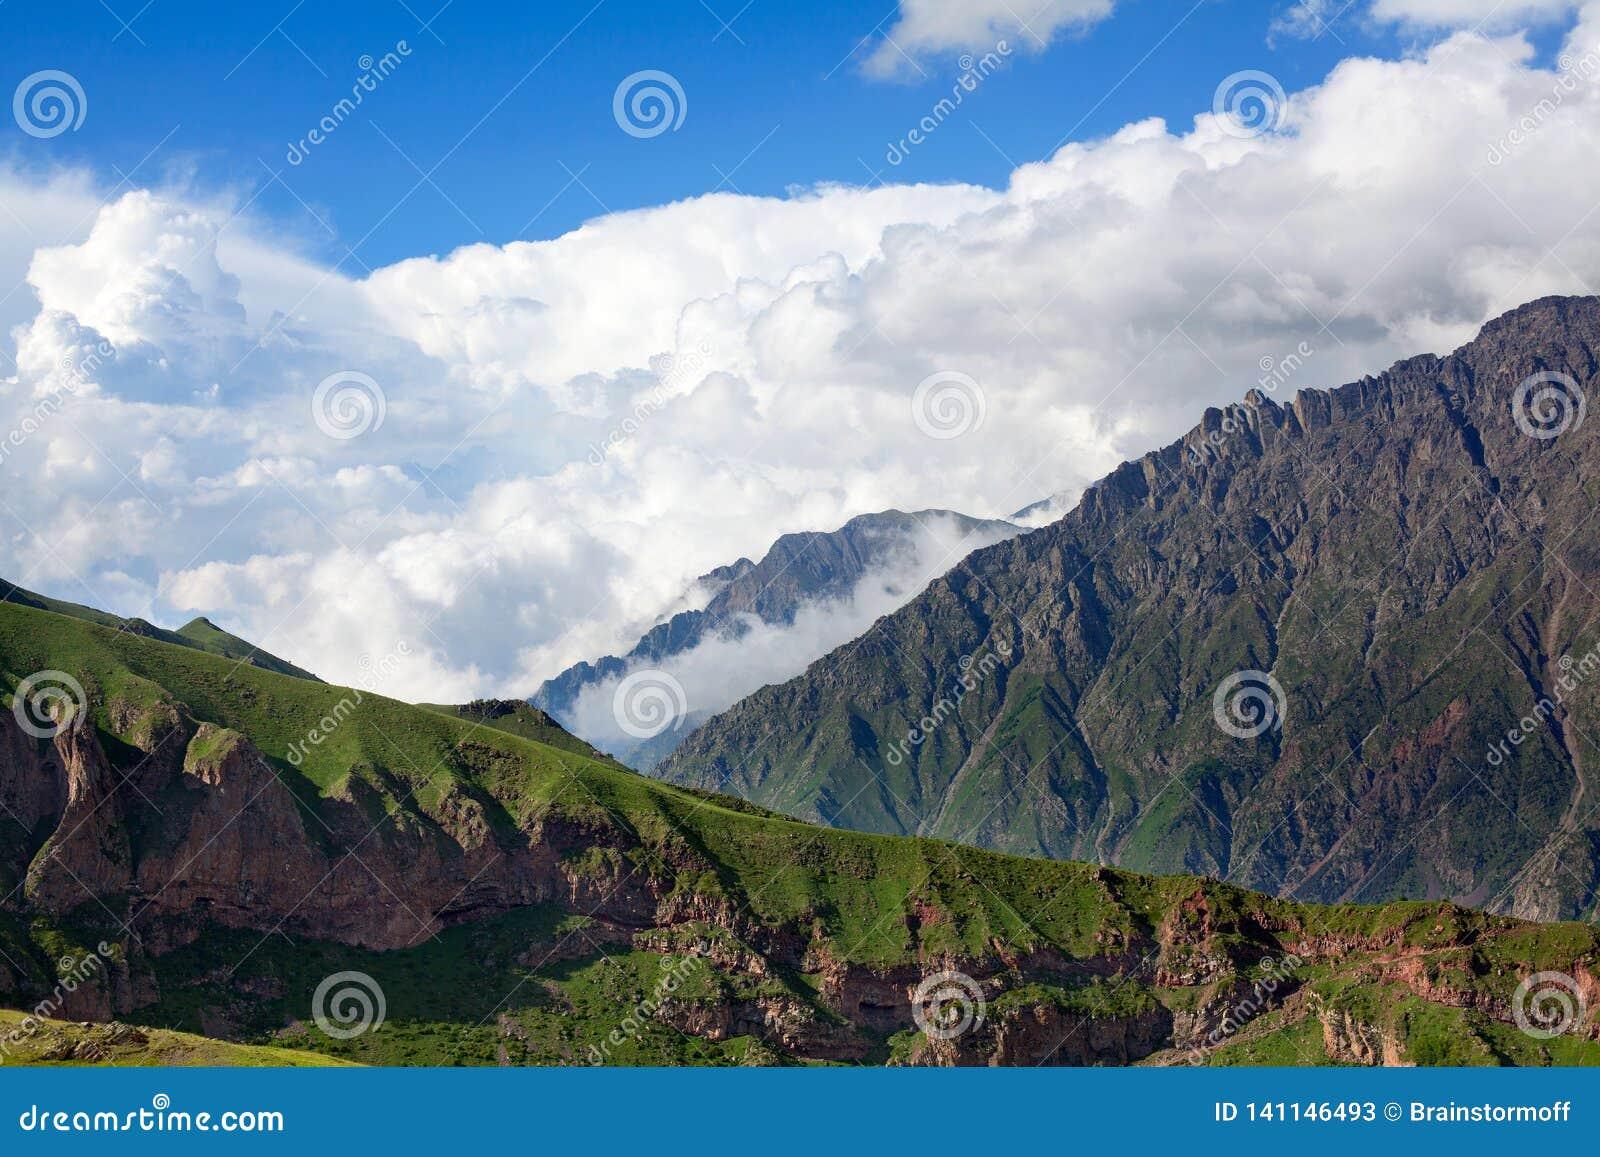 Σειρές και βουνά βουνών στο μπλε ουρανό και την άσπρη μεγάλη κινηματογράφηση σε πρώτο πλάνο υποβάθρου σύννεφων, καυκάσια βουνά, β